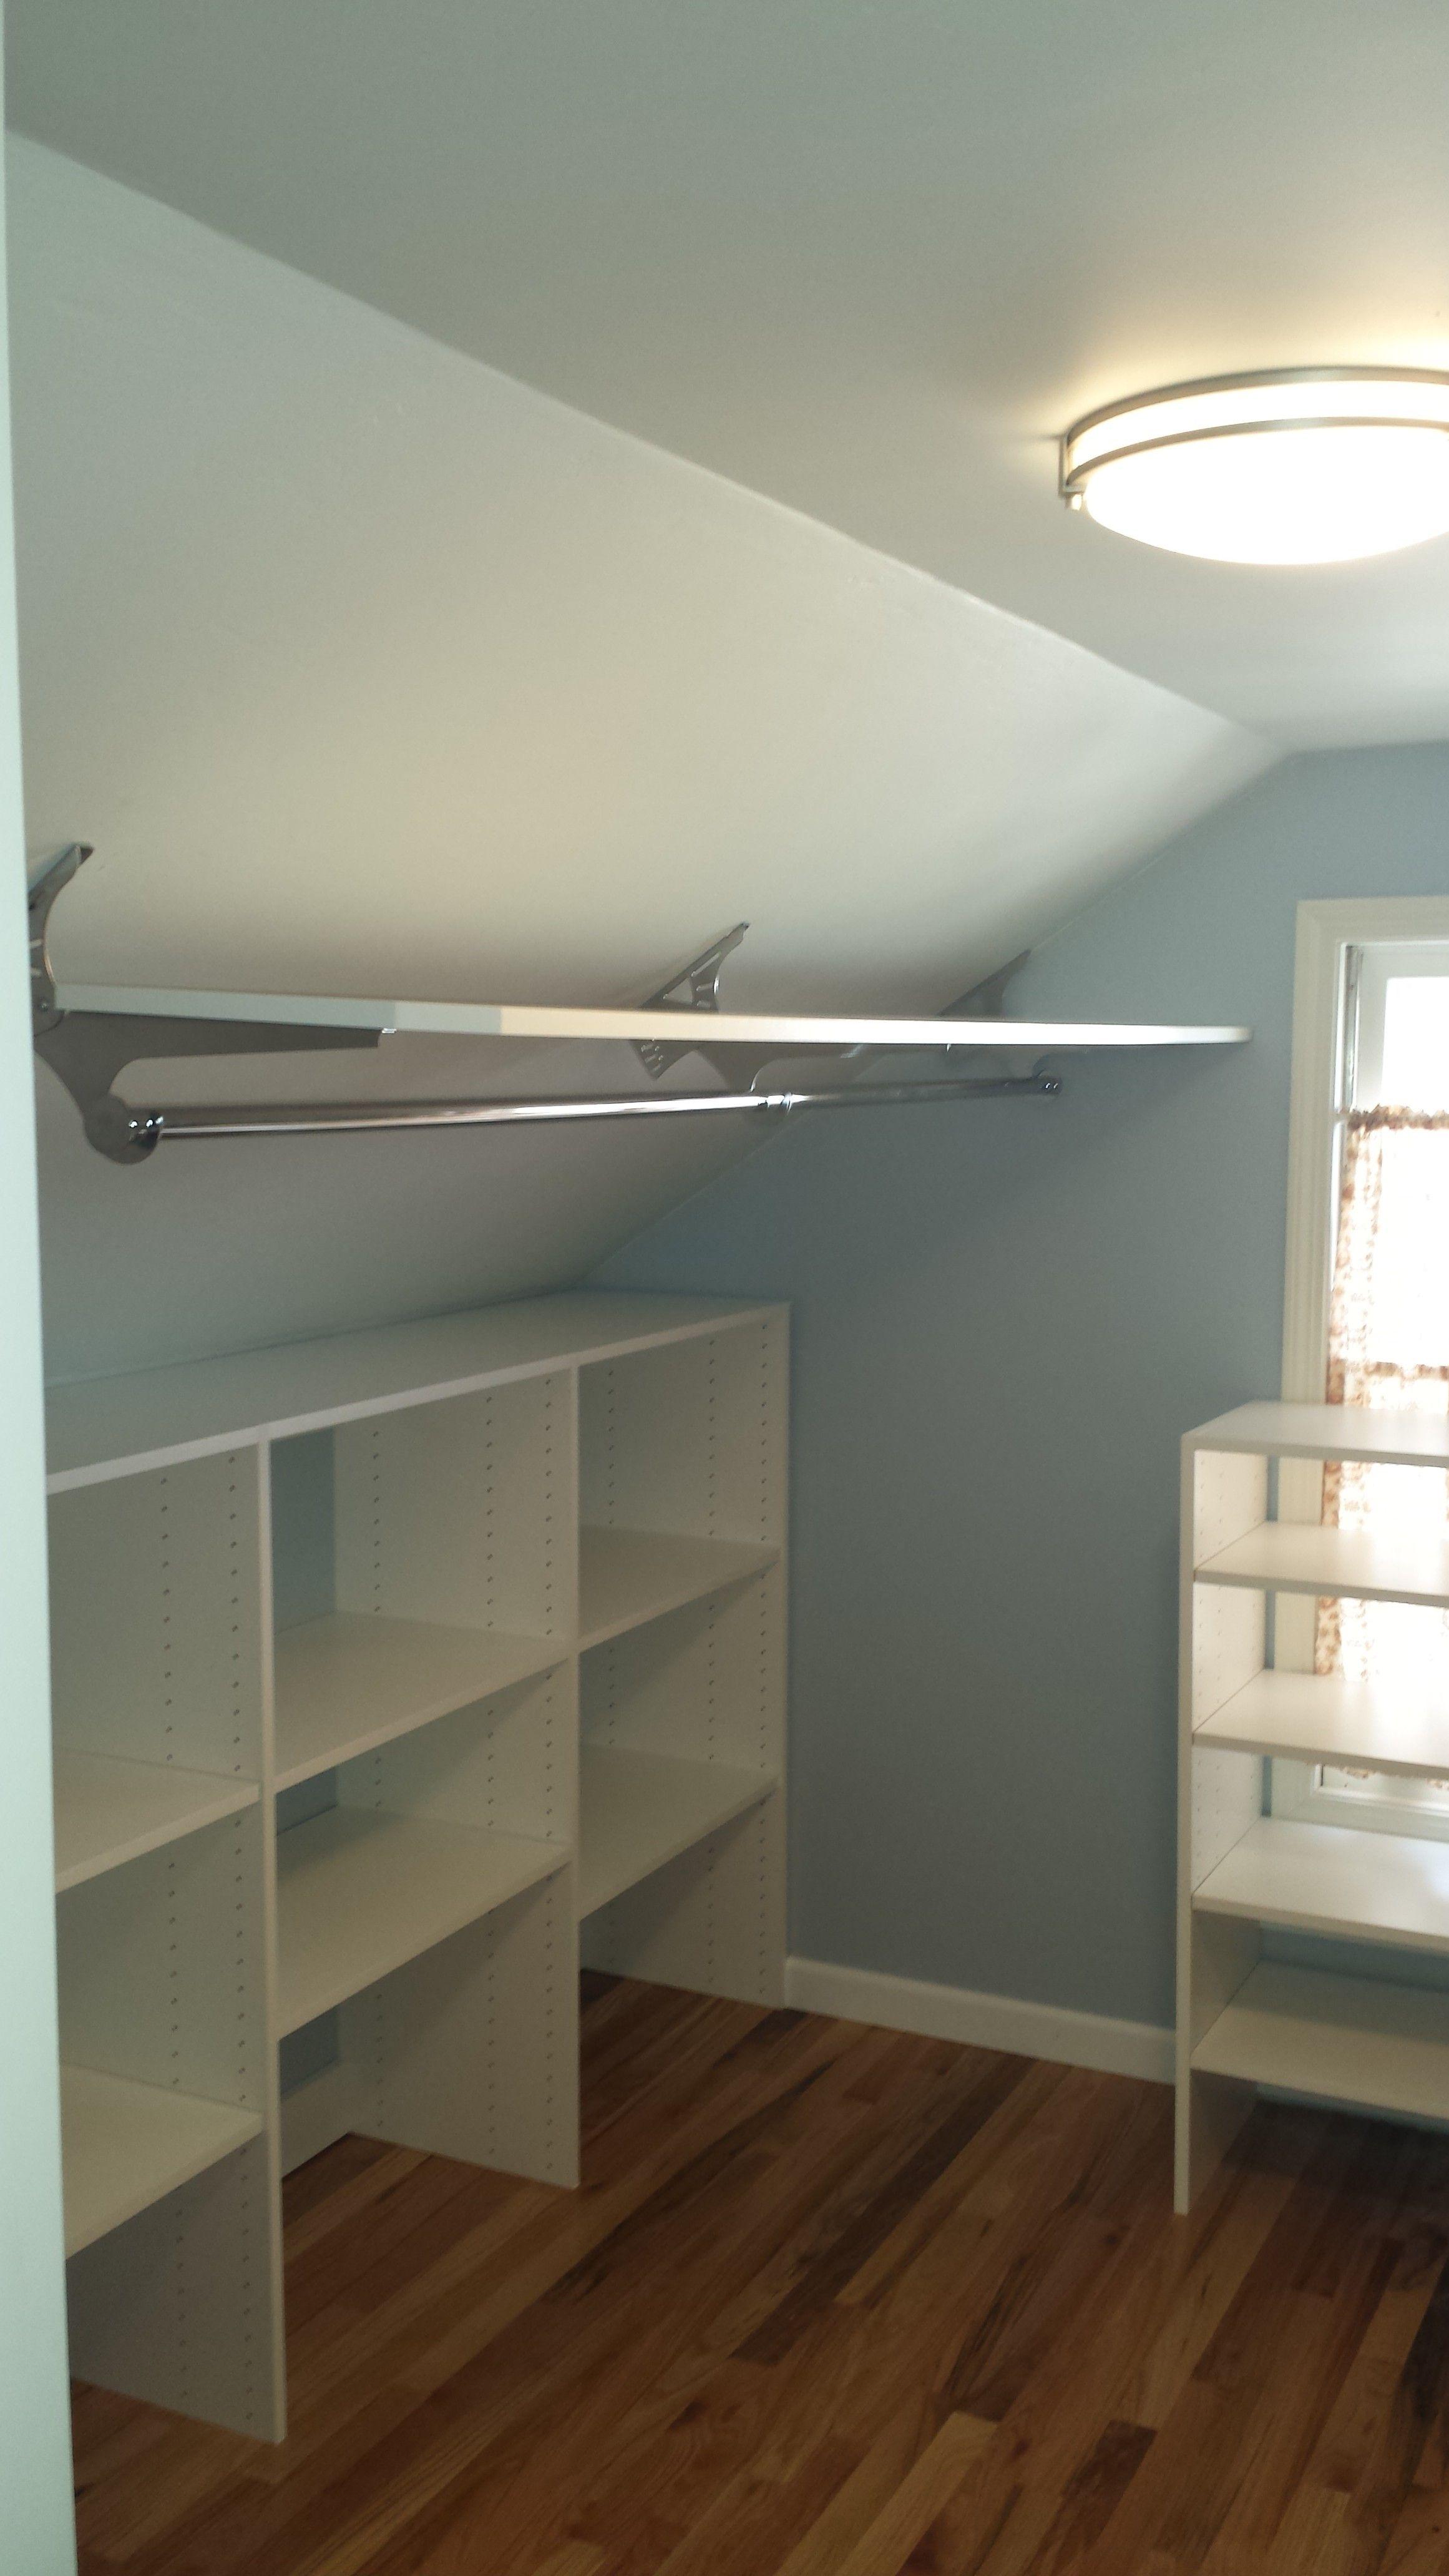 20131228 124421 E1430261491387 Jpg 2322 4128 Attic Closet Slanted Ceiling Closet Home